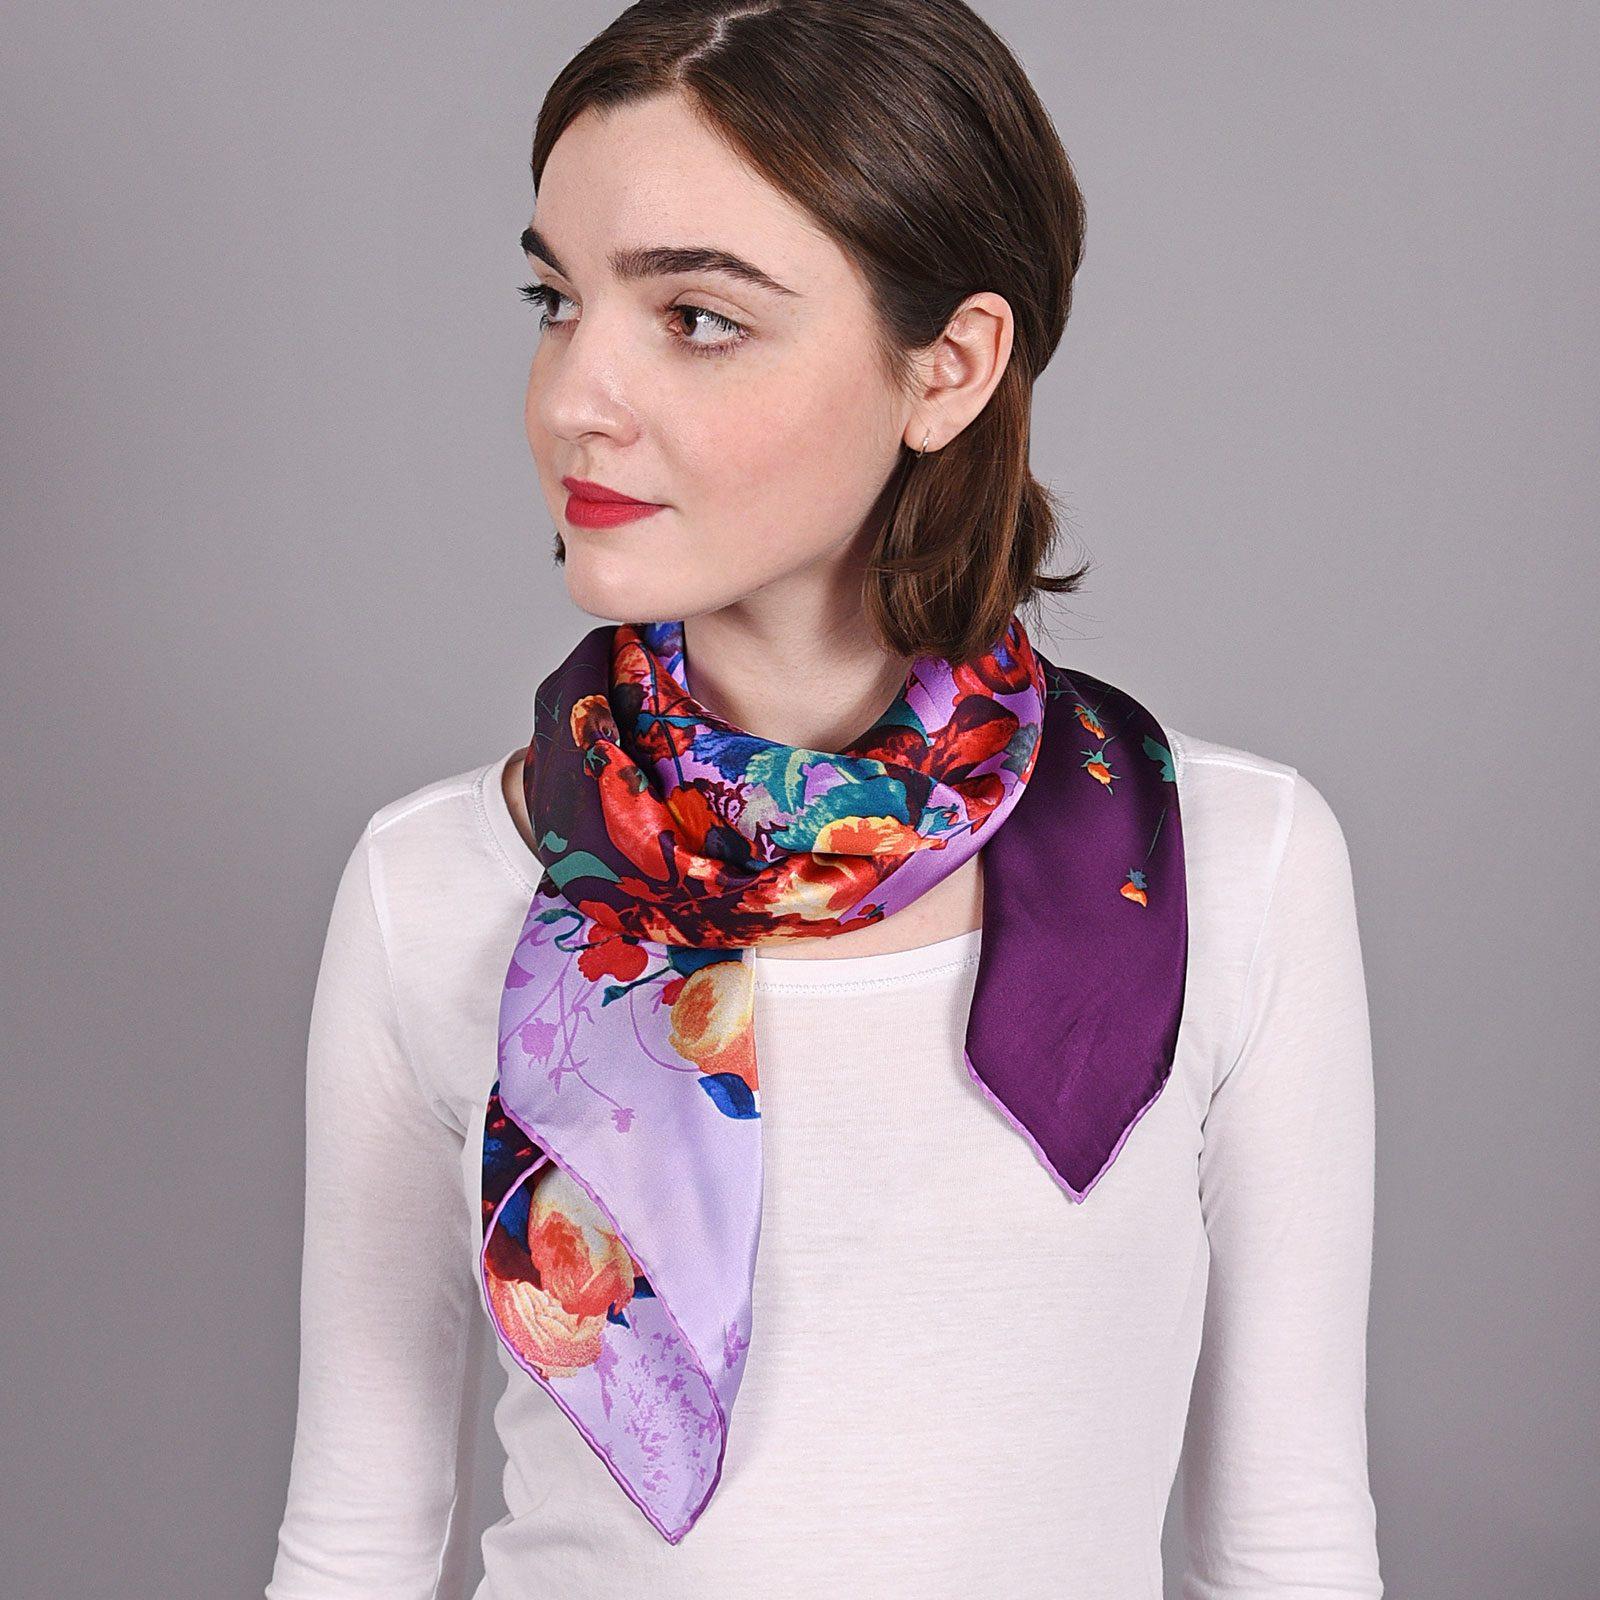 http://lookbook.allee-du-foulard.fr/wp-content/uploads/2018/09/AT-03871-V16-carre-soie-fleurs-violet-mauve-1600x1600.jpg